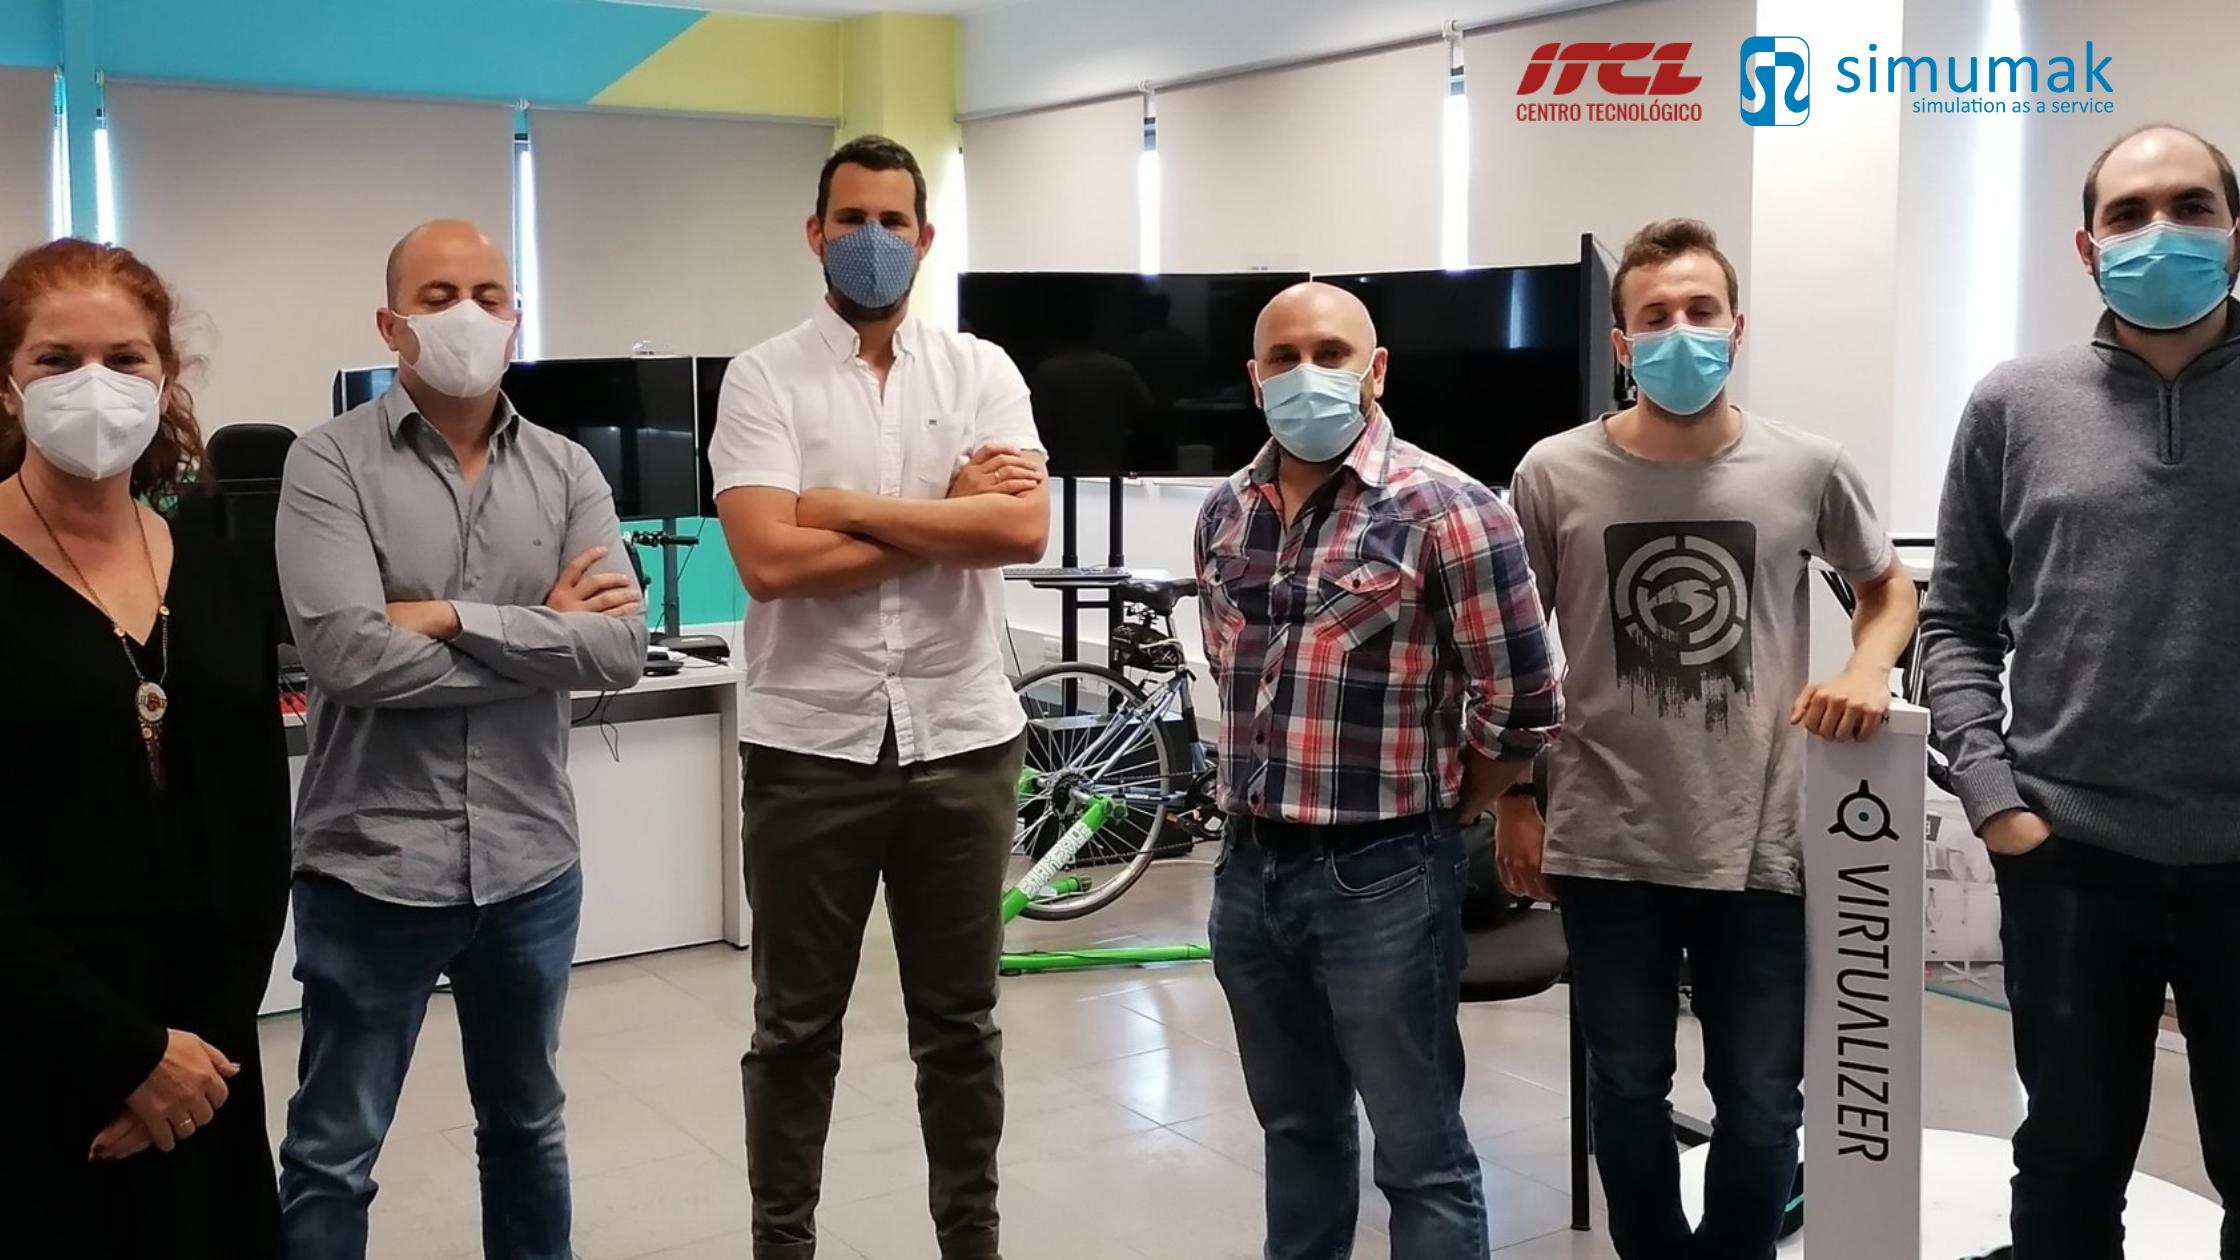 ITCL y SIMUMAK se unen para trabajar en nuevos simuladores